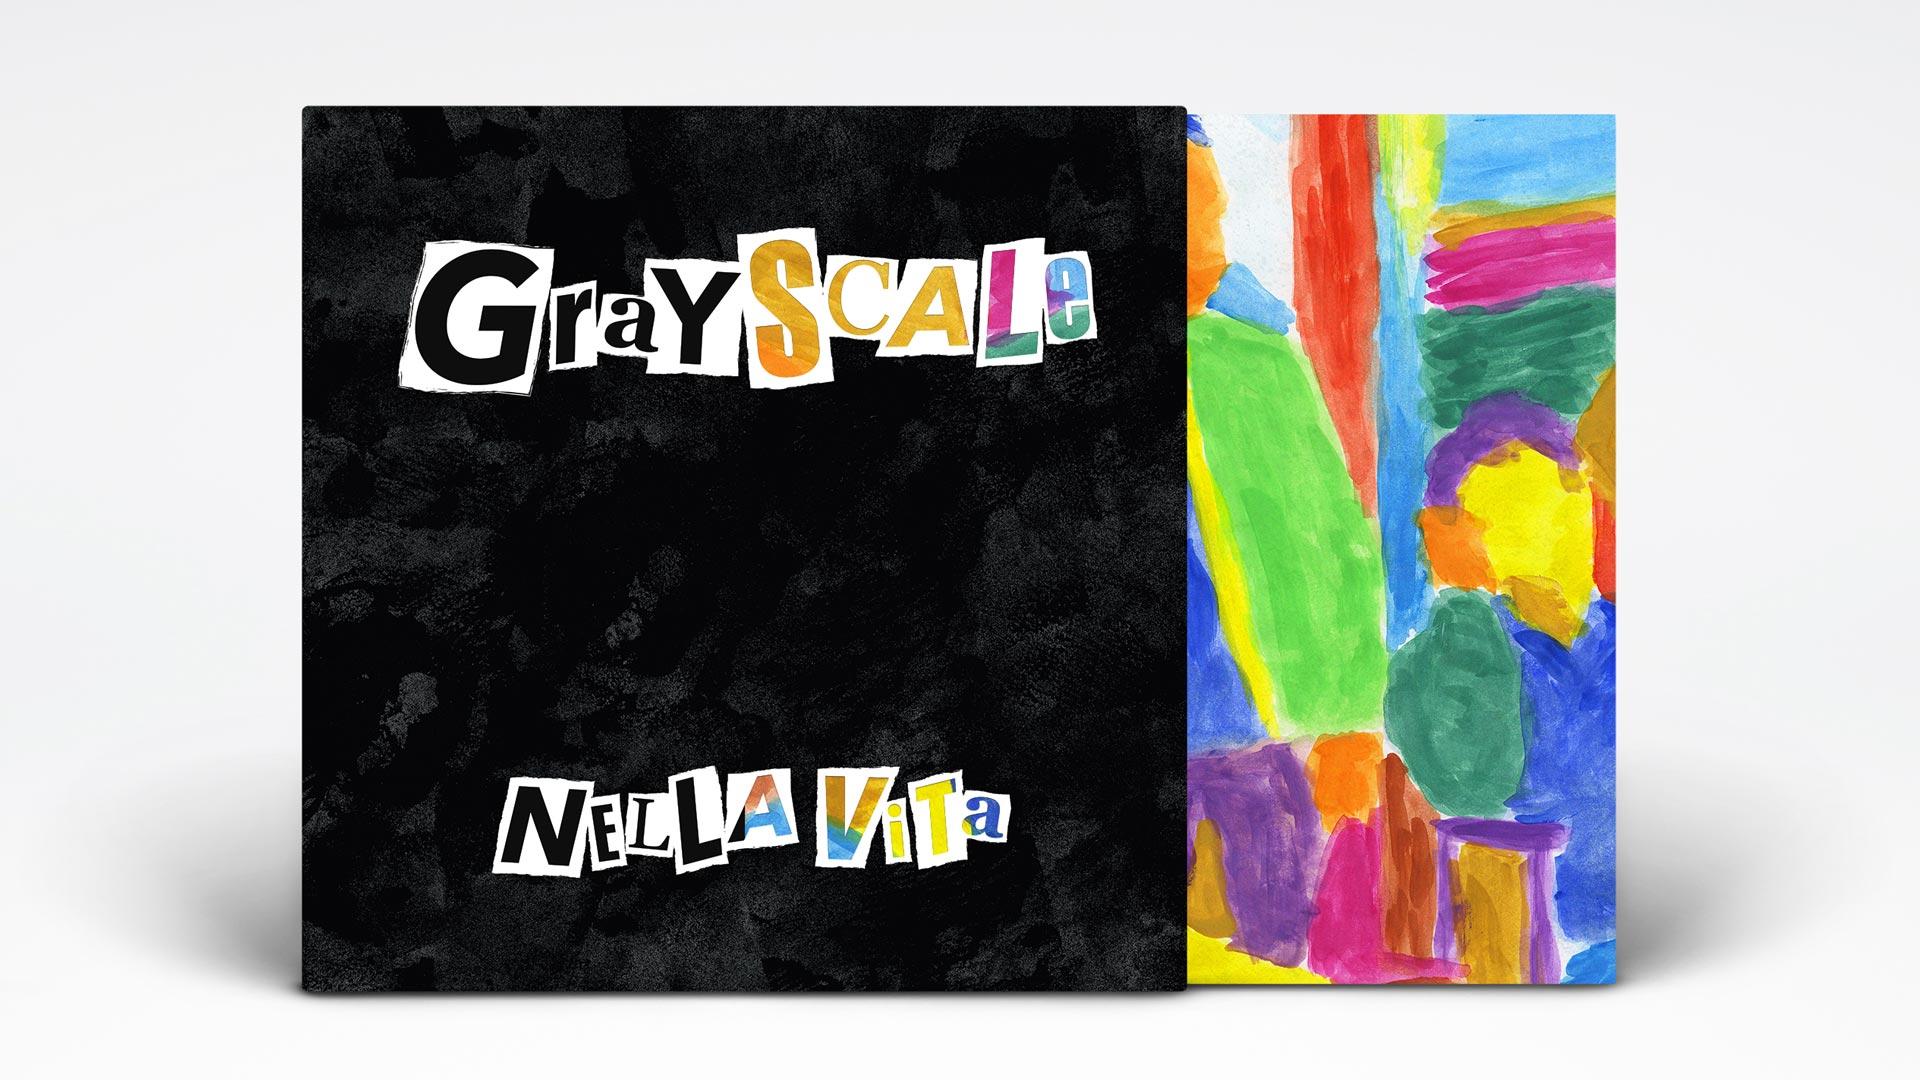 Grayscale Nella Vita vinyl cover and sleeve